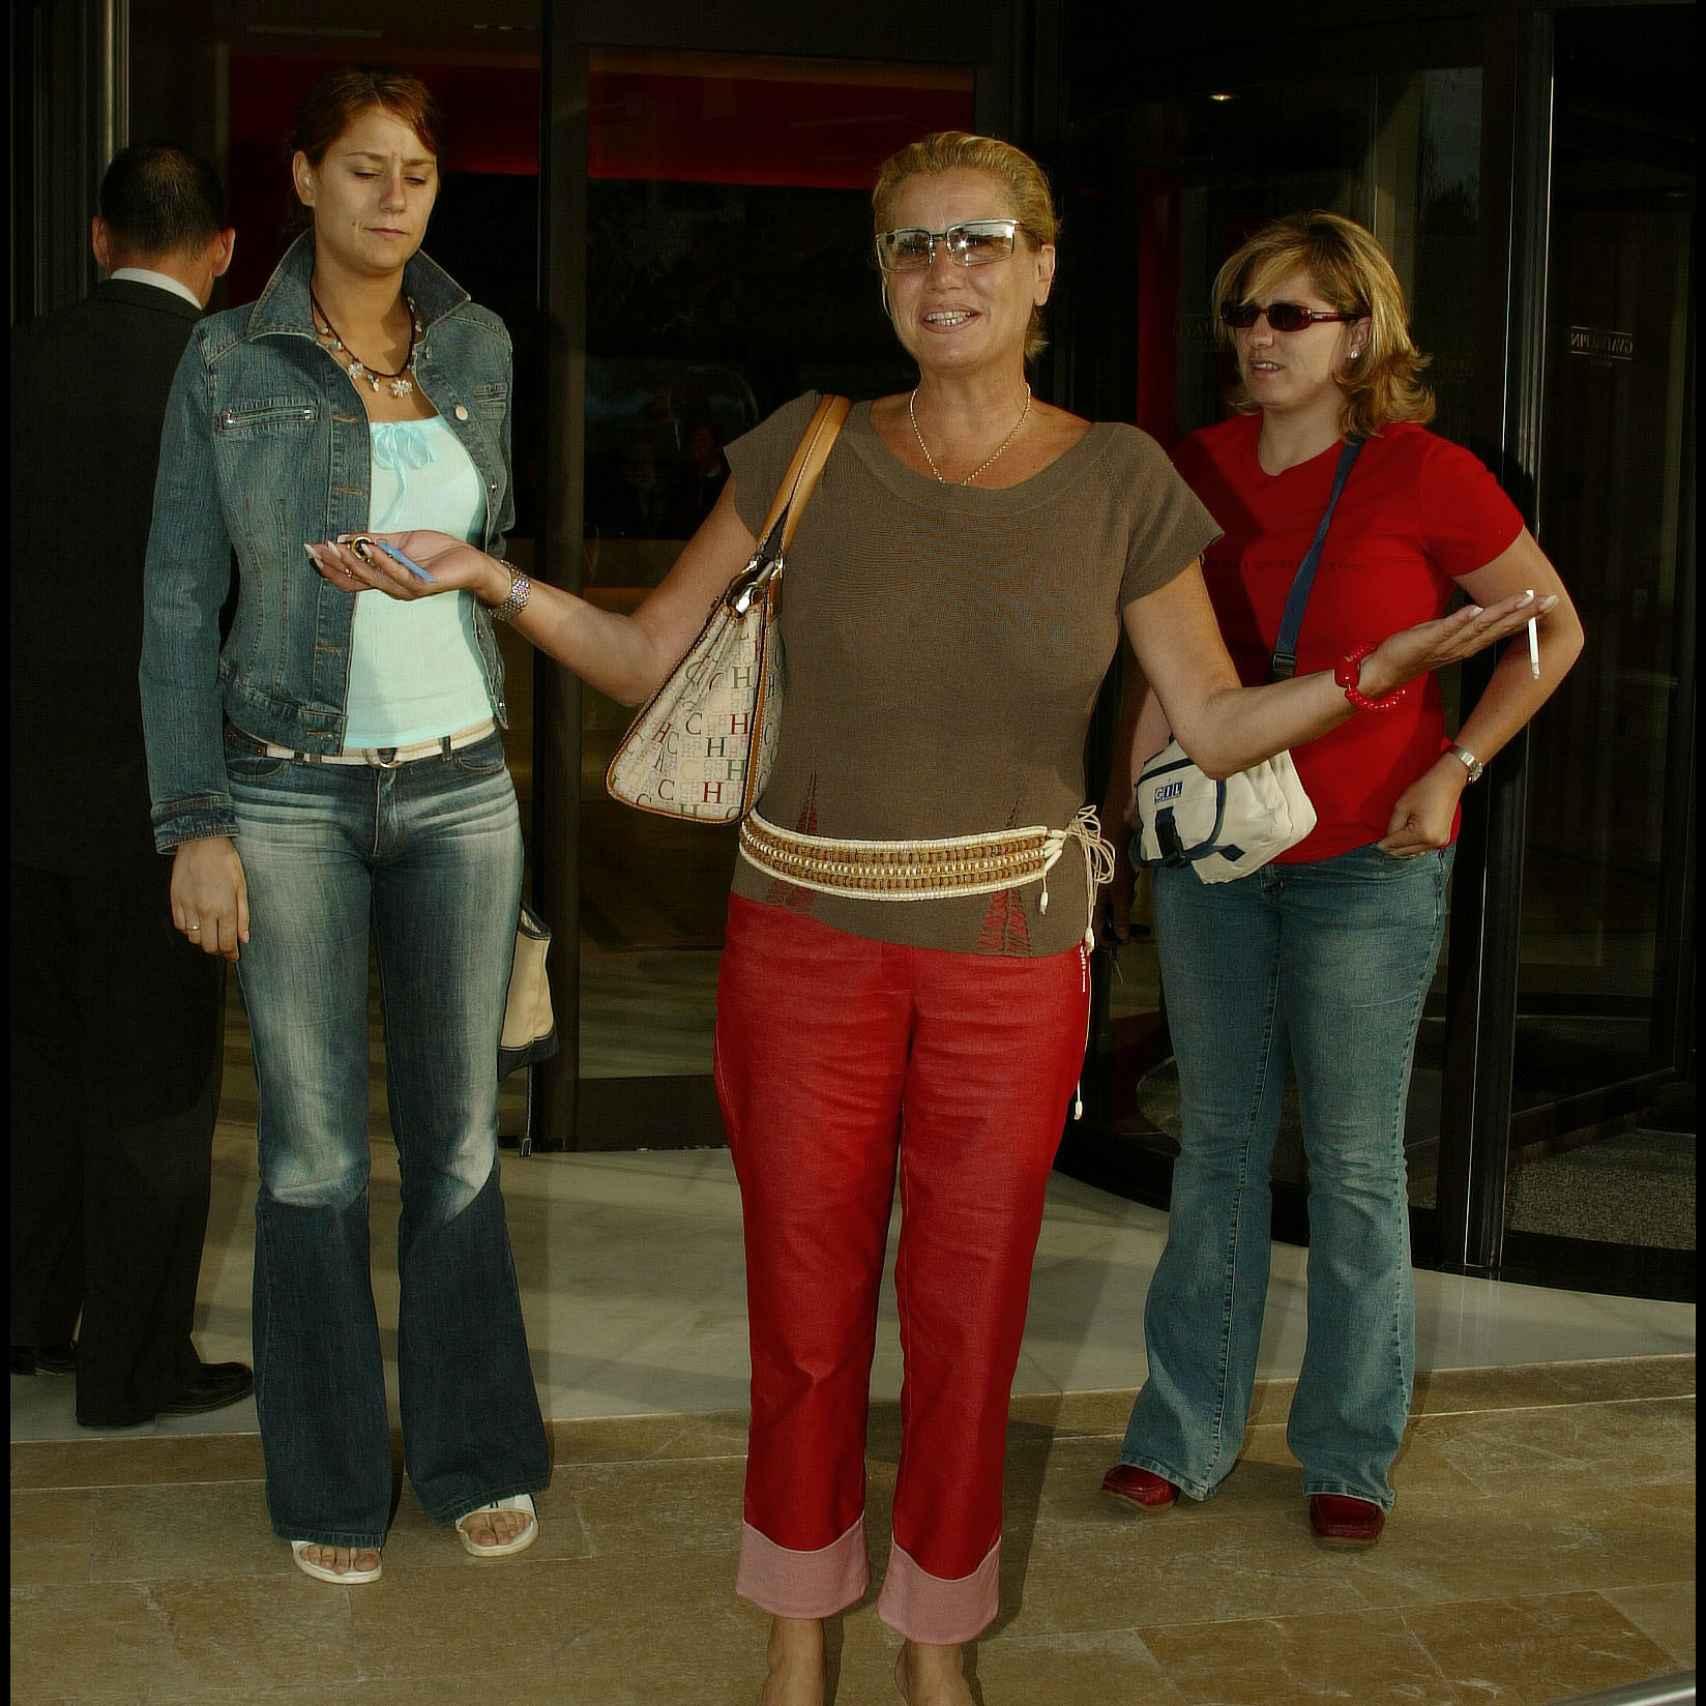 La ex mujer de Mayte Zaldívar con sus hijas Elia y Eloisa